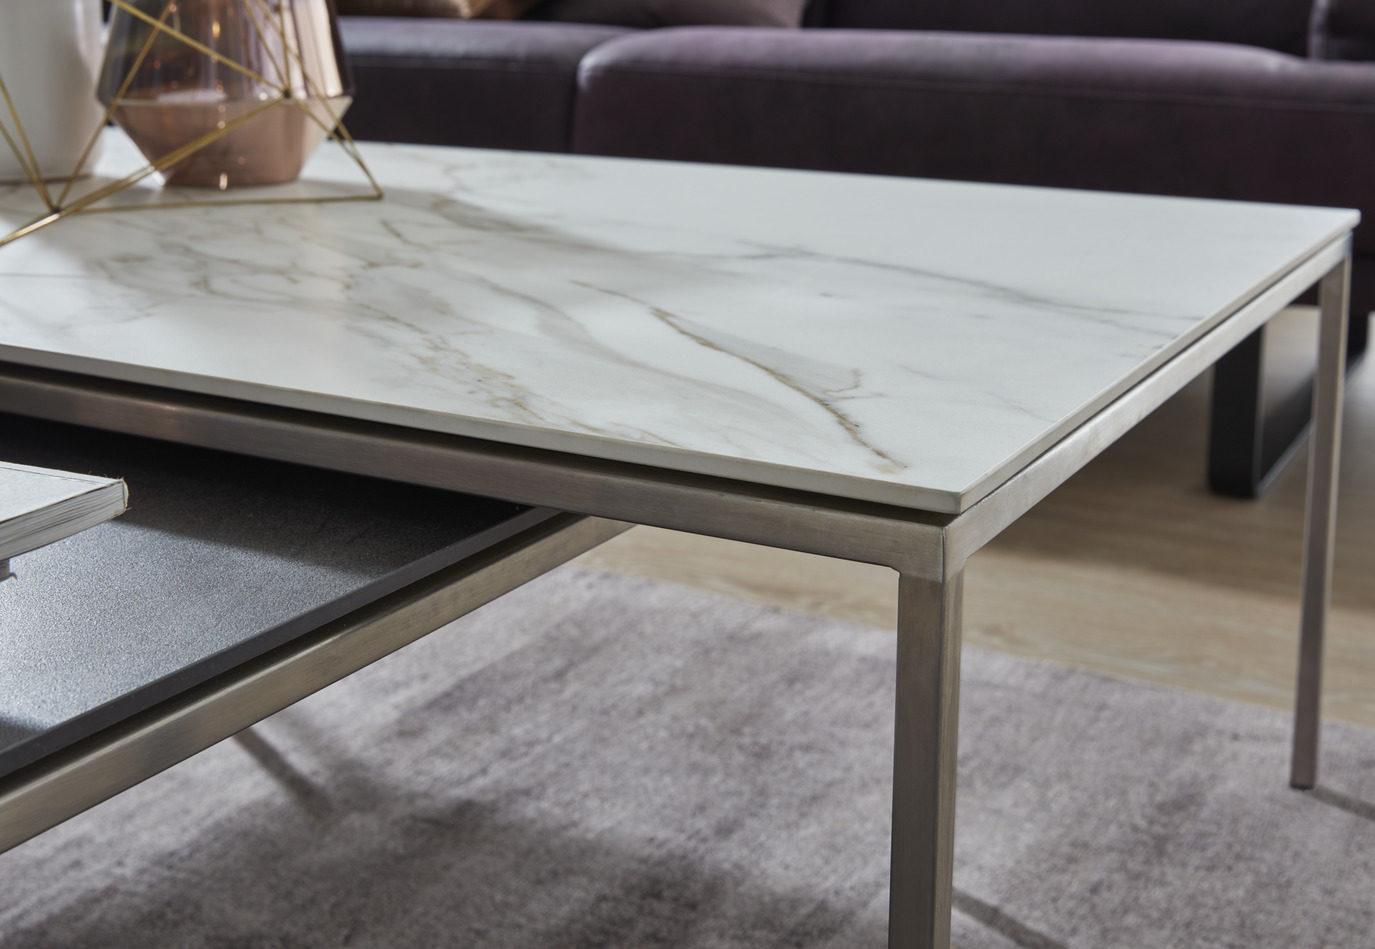 Interliving Couchtisch Serie 6201 Wohnzimmertisch Carrarafarbene